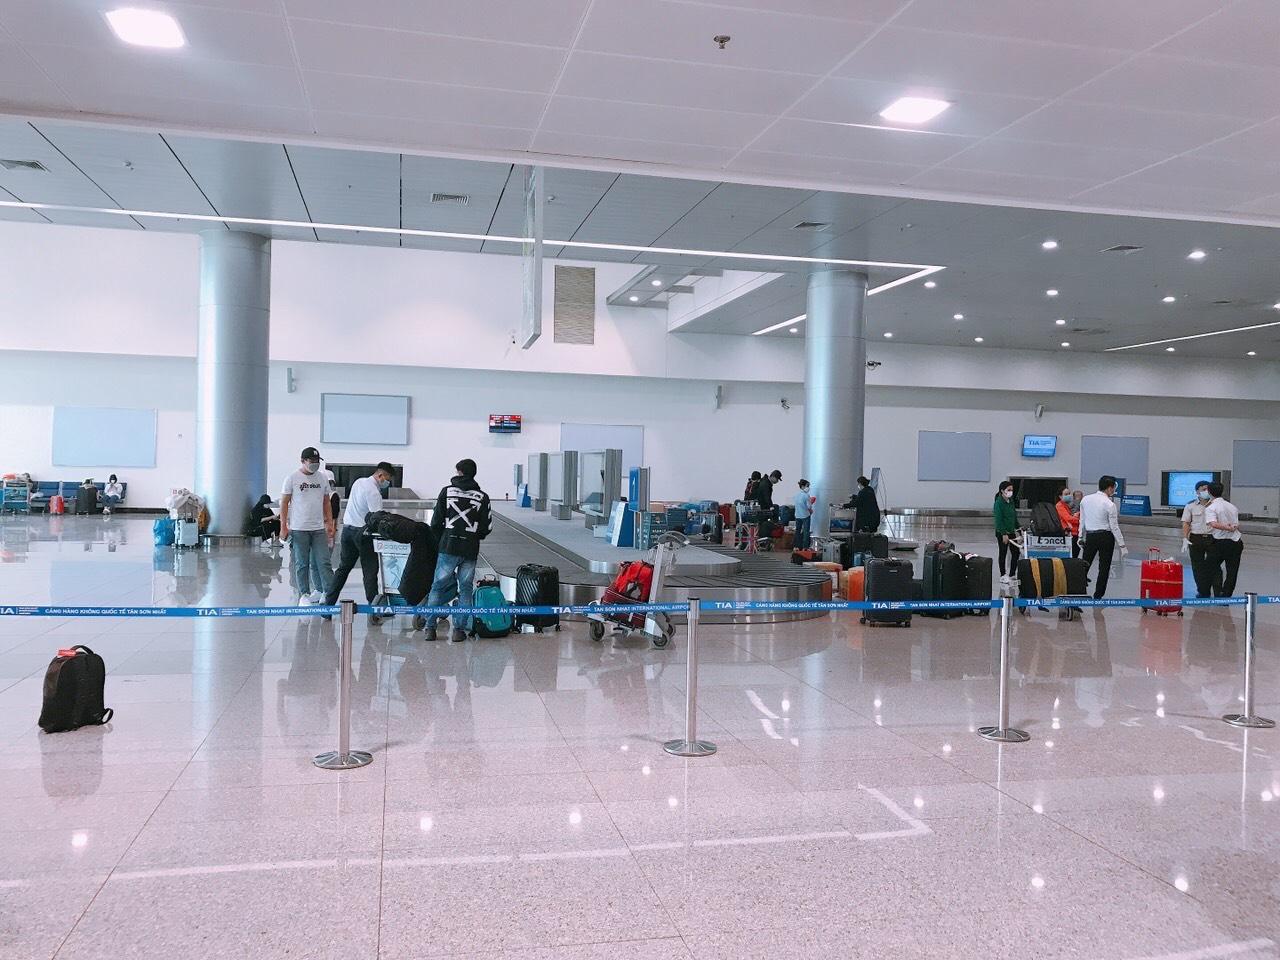 Phục vụ suất ăn miễn phí các chuyến bay từ Hàn Quốc về Việt Nam 21